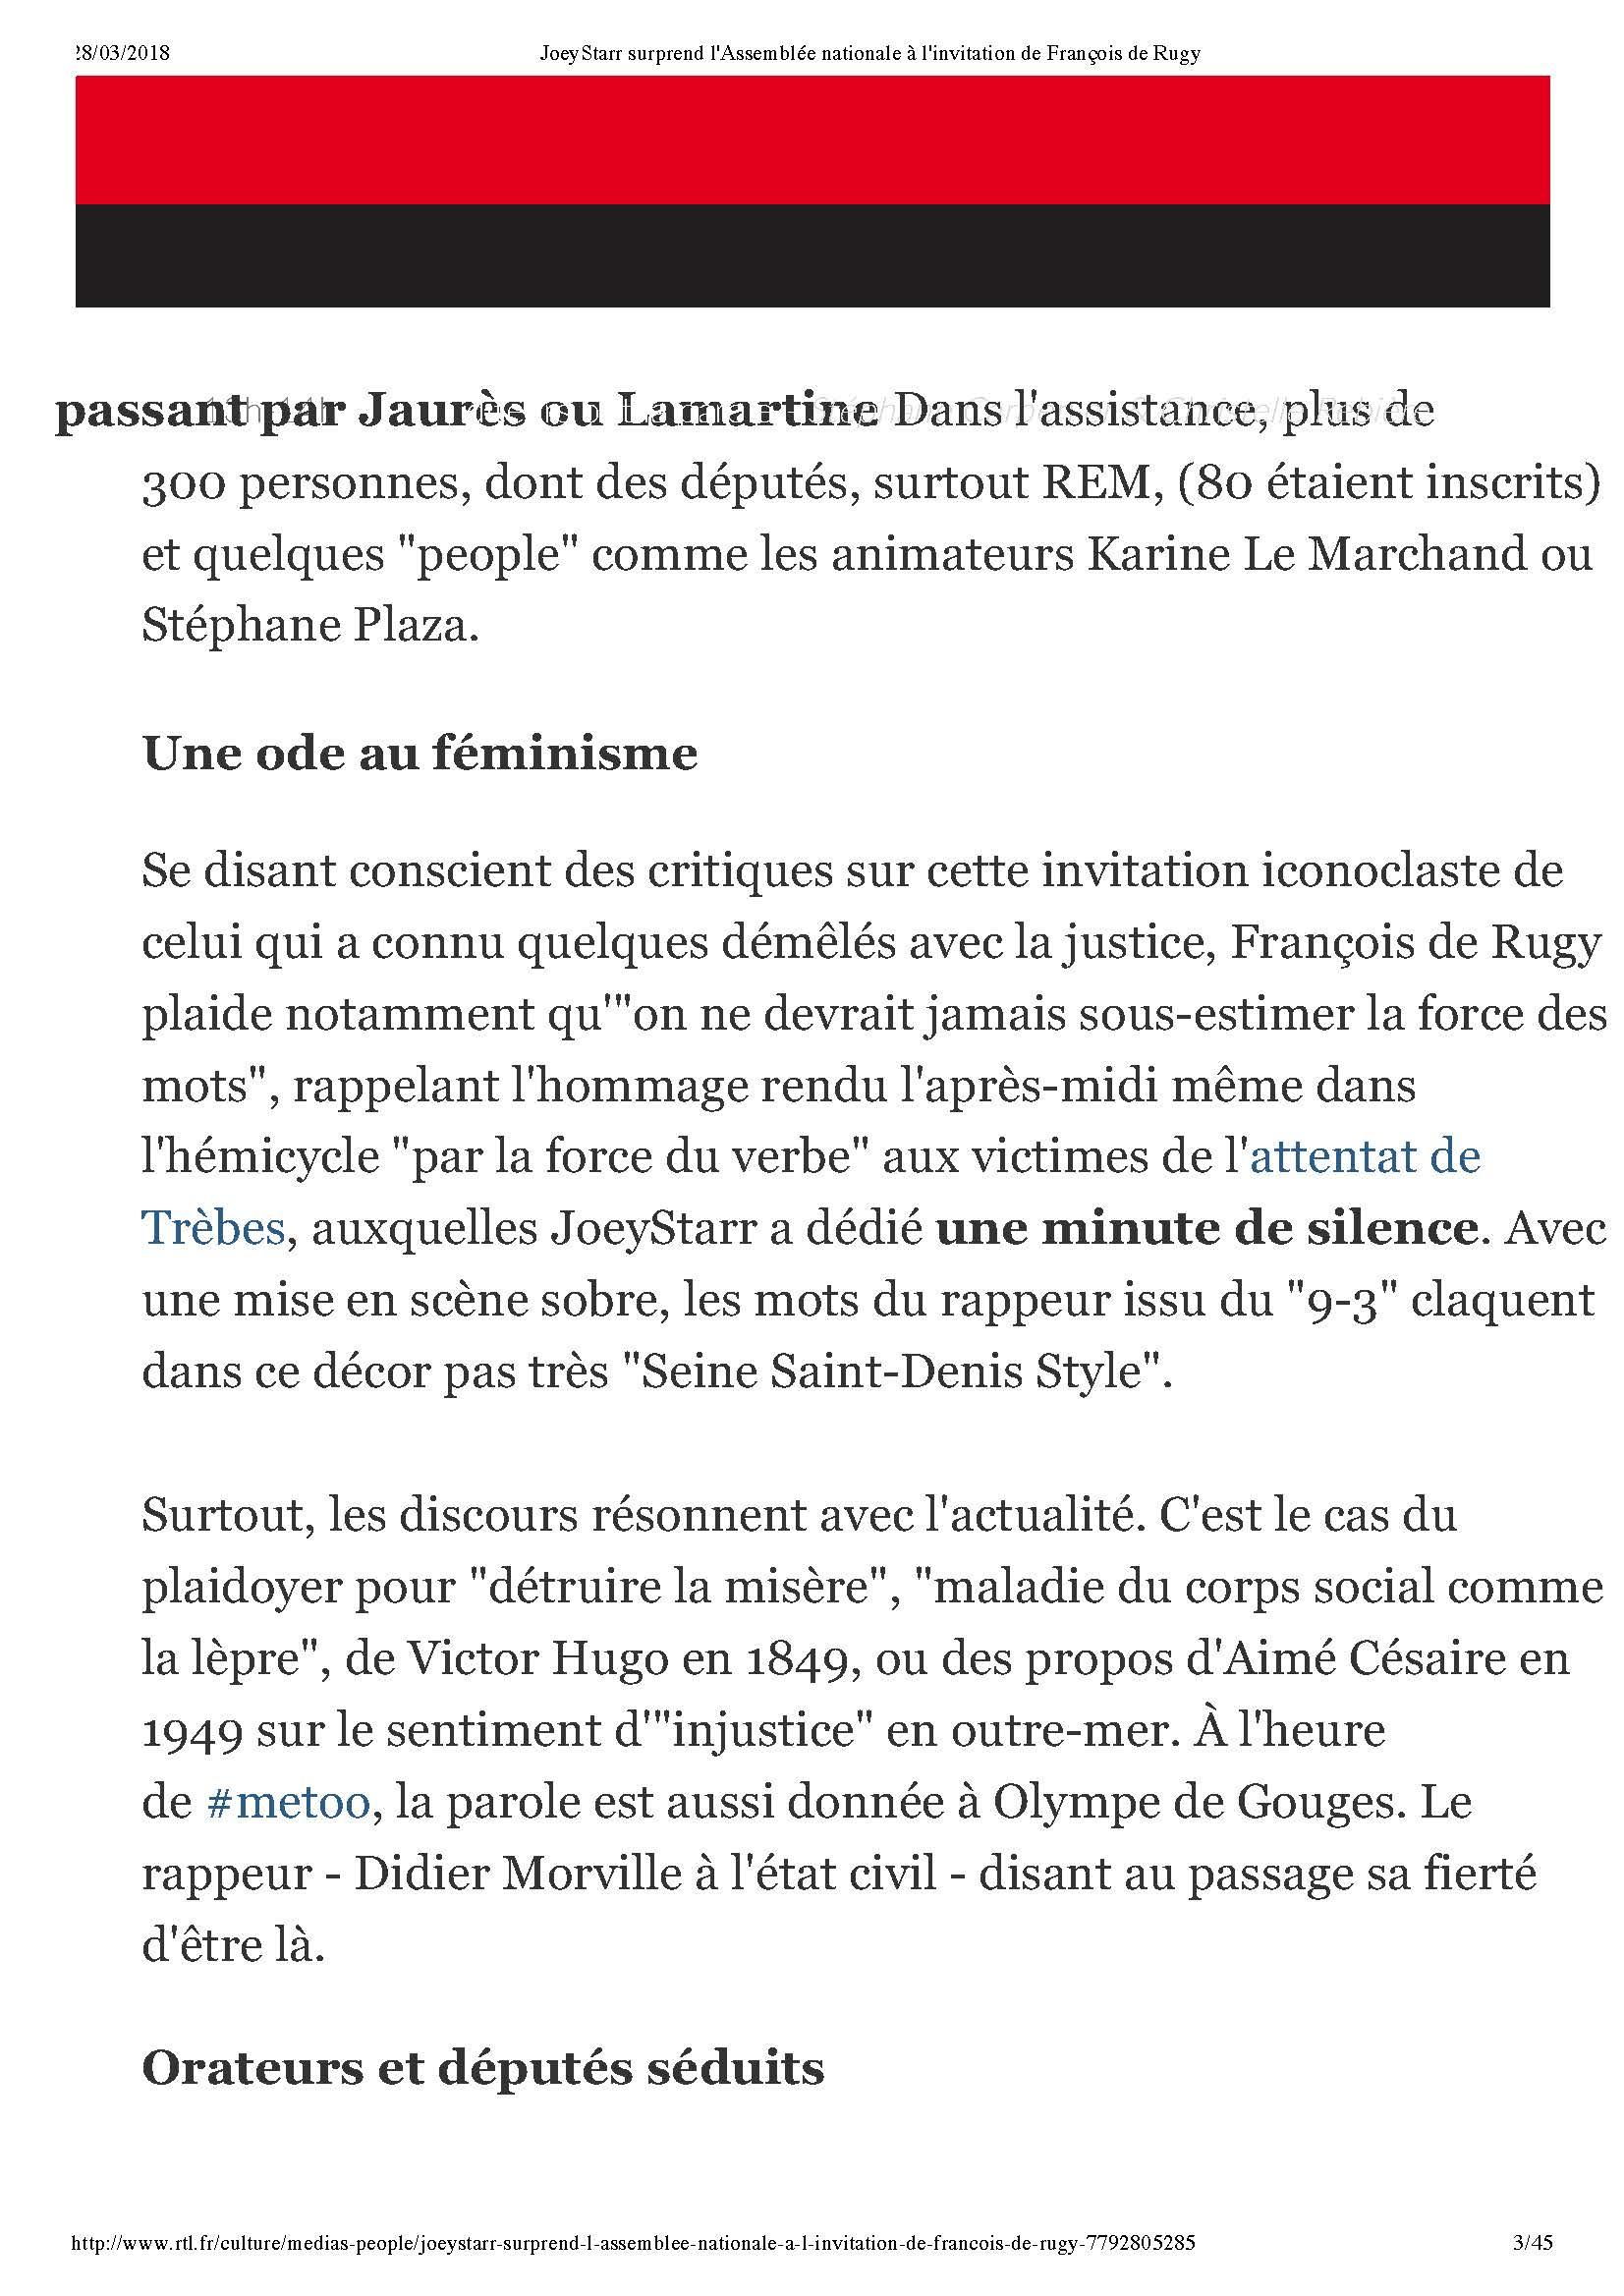 RTL_280318JoeyStarr_surprend_l'Assemblée_nationale_à_l'invitation_de_François_de_Rugy_Page_3